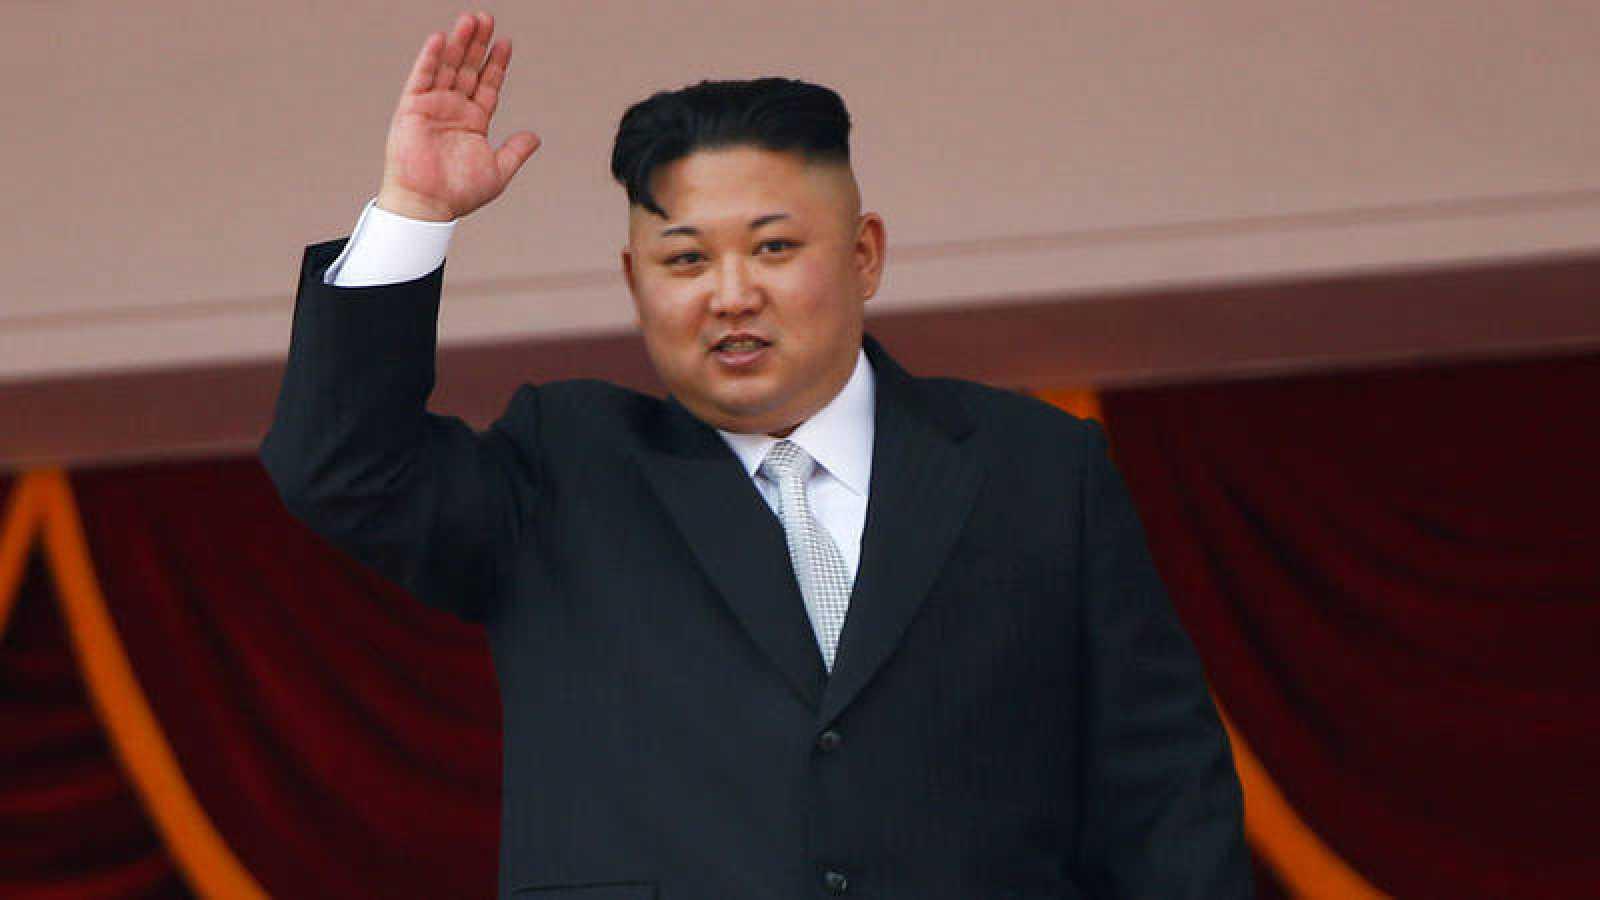 Fotografía de archivo del líder de Corea del Norte, Kim Jong-un